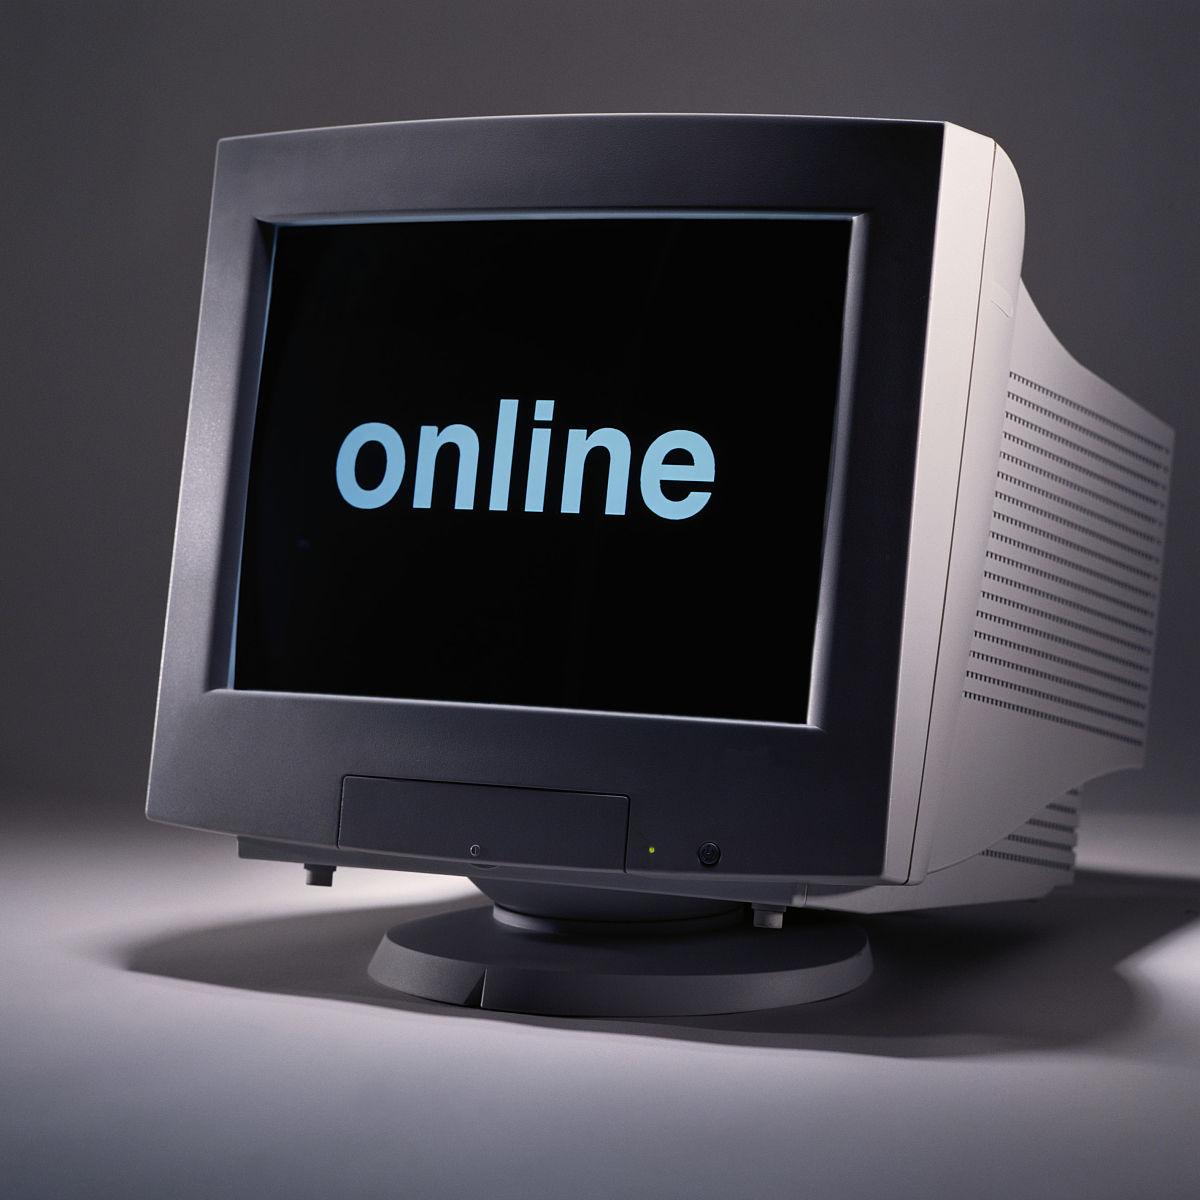 灰色,个人计算机,显示器,计算机,屏幕,计算机软件,电子邮件,图像,台式图片